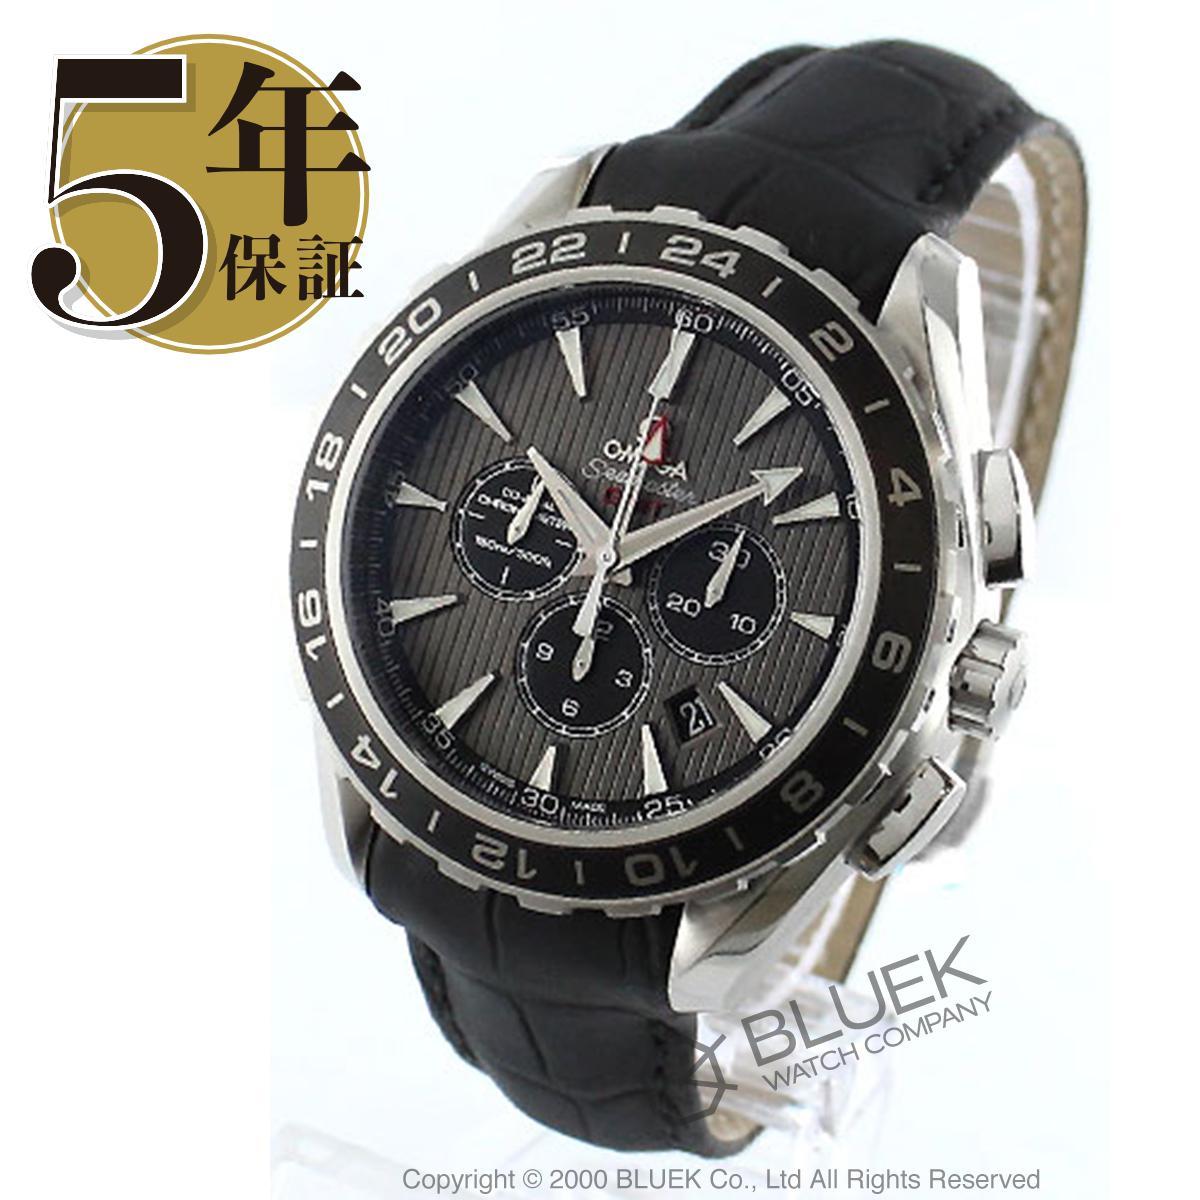 オメガ シーマスター アクアテラ クロノグラフ GMT 腕時計 メンズ OMEGA 231.13.44.52.06.001_5